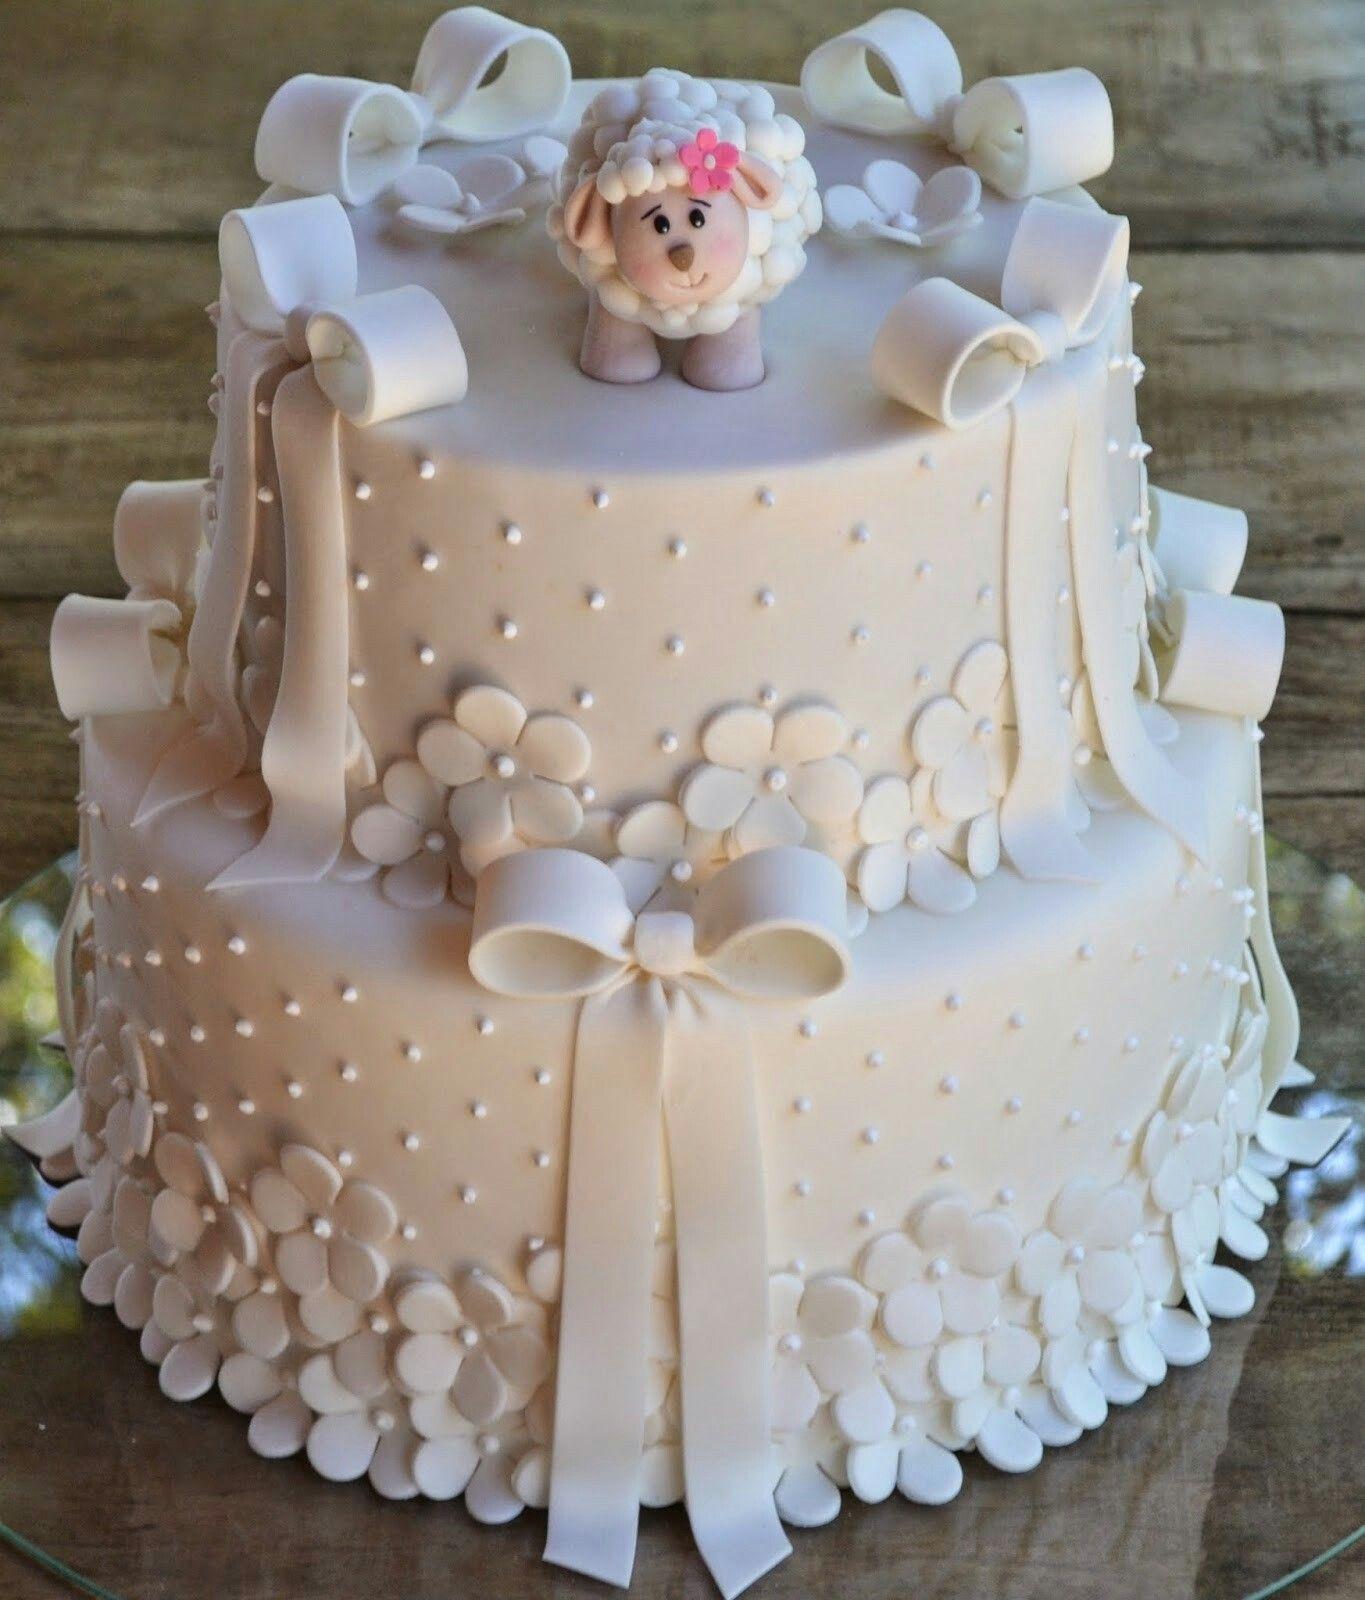 Brautparty Kuchen Babyparty Kuchen Taufe Kuchen Ideen Zur Taufe Kindertorte Mädchen Partys Tolle Kuchen Bestreute Kuchen Muschelfleischkroketten